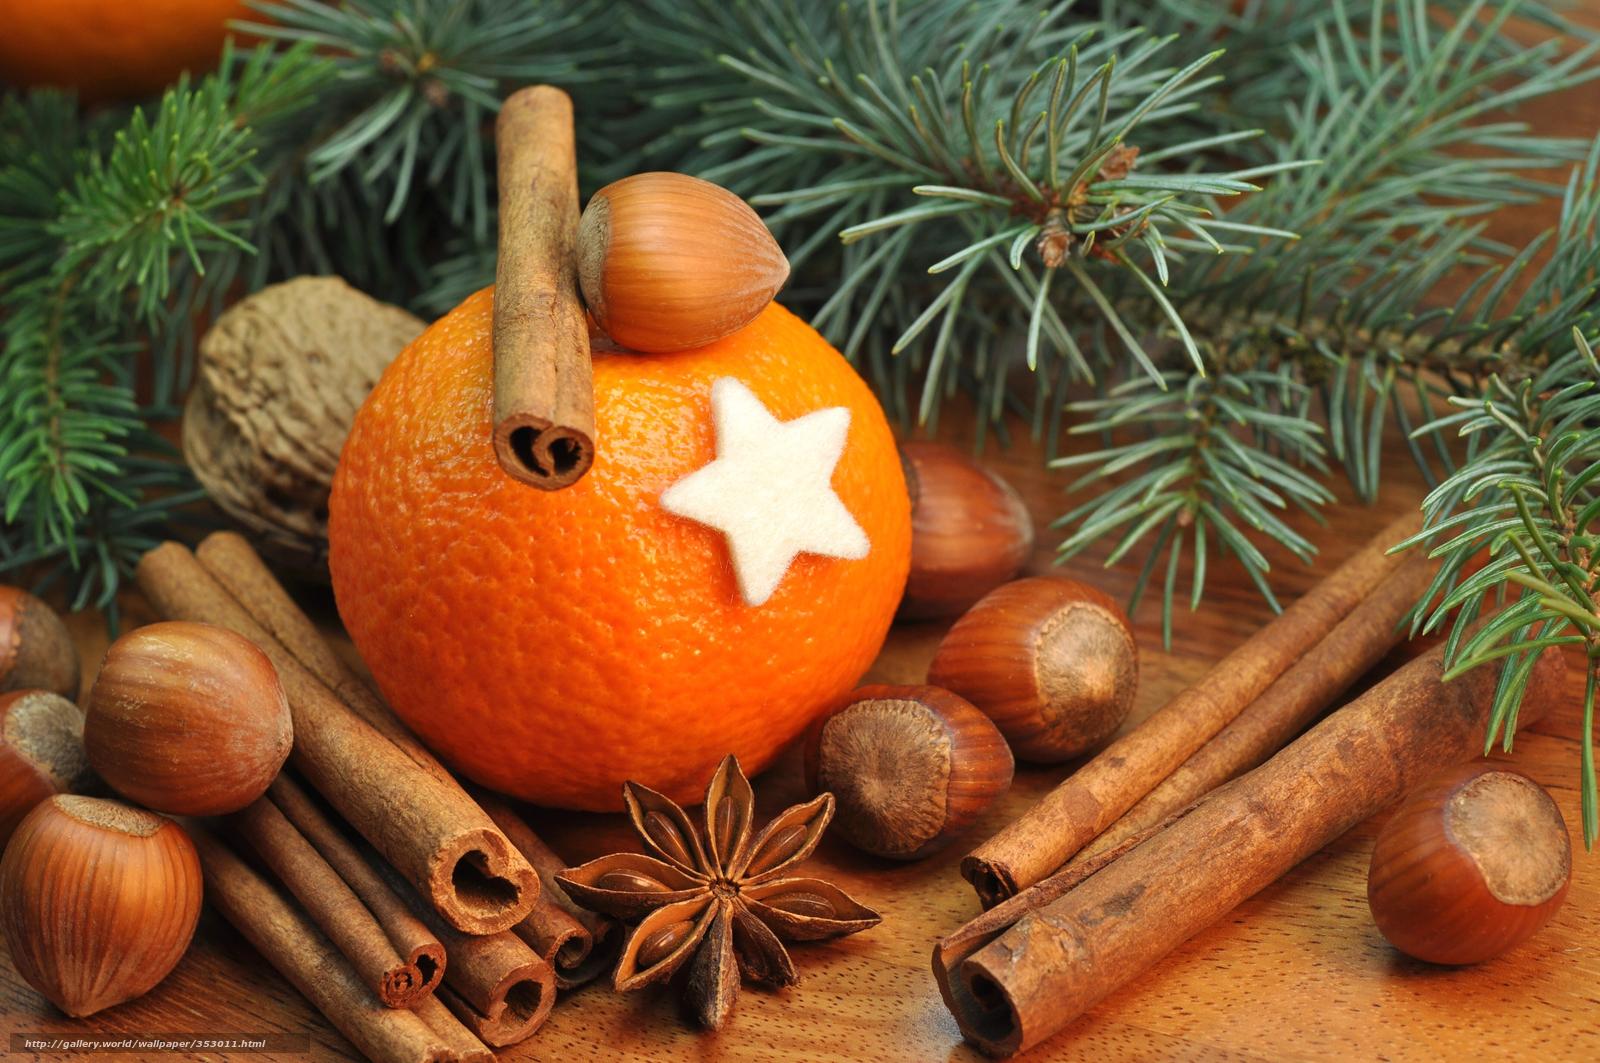 Скачать обои апельсин,  корица,  орехи,  ель бесплатно для рабочего стола в разрешении 8500x5646 — картинка №353011